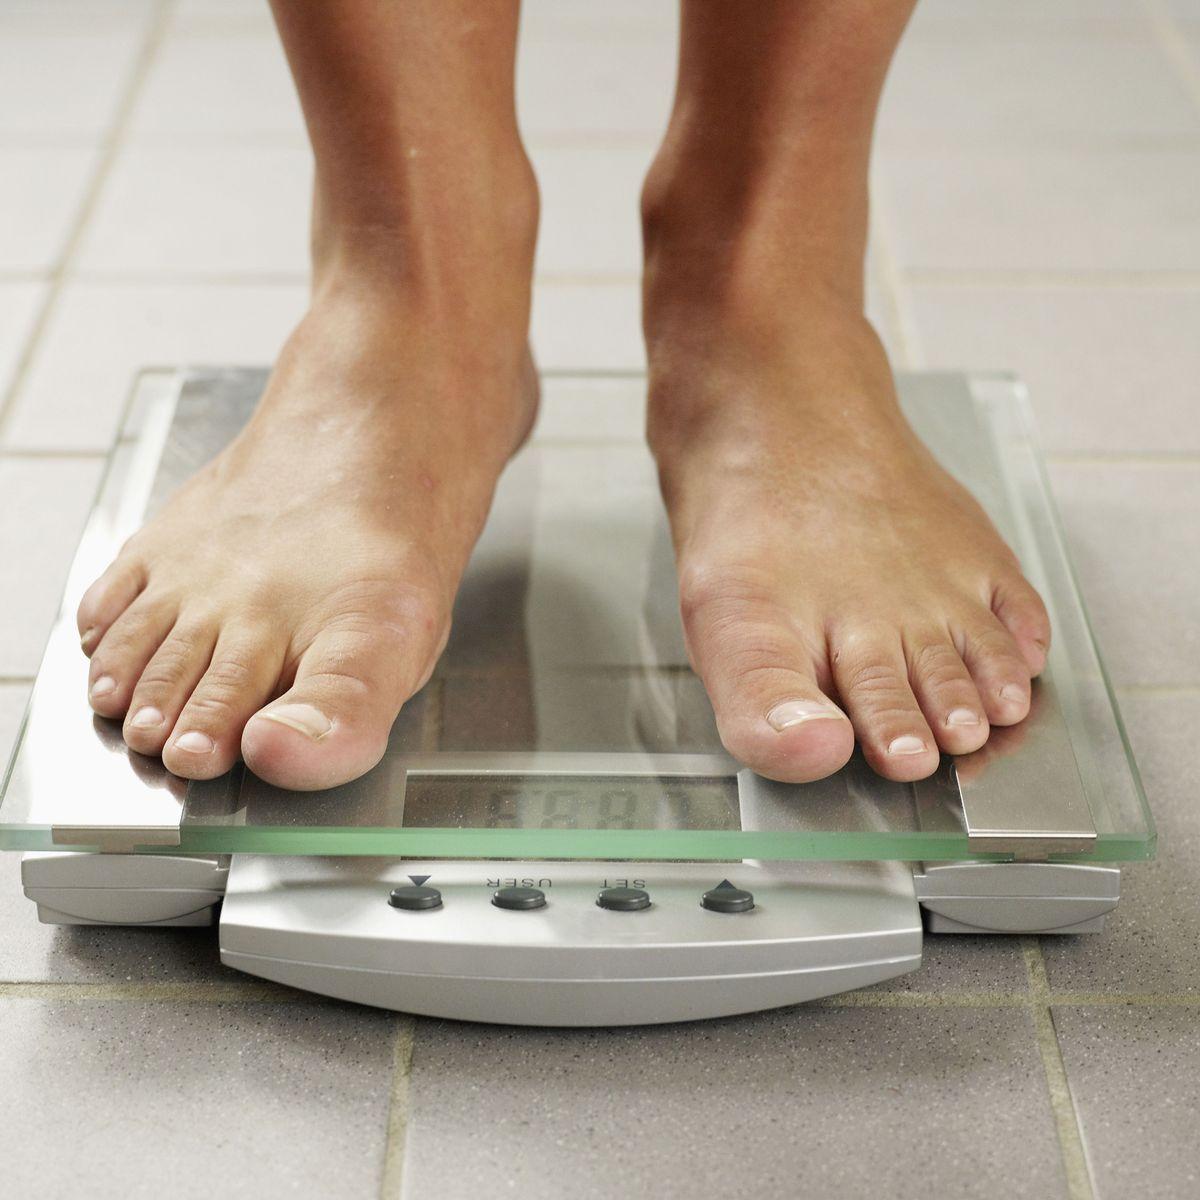 Normalgewicht frau 48 jahre